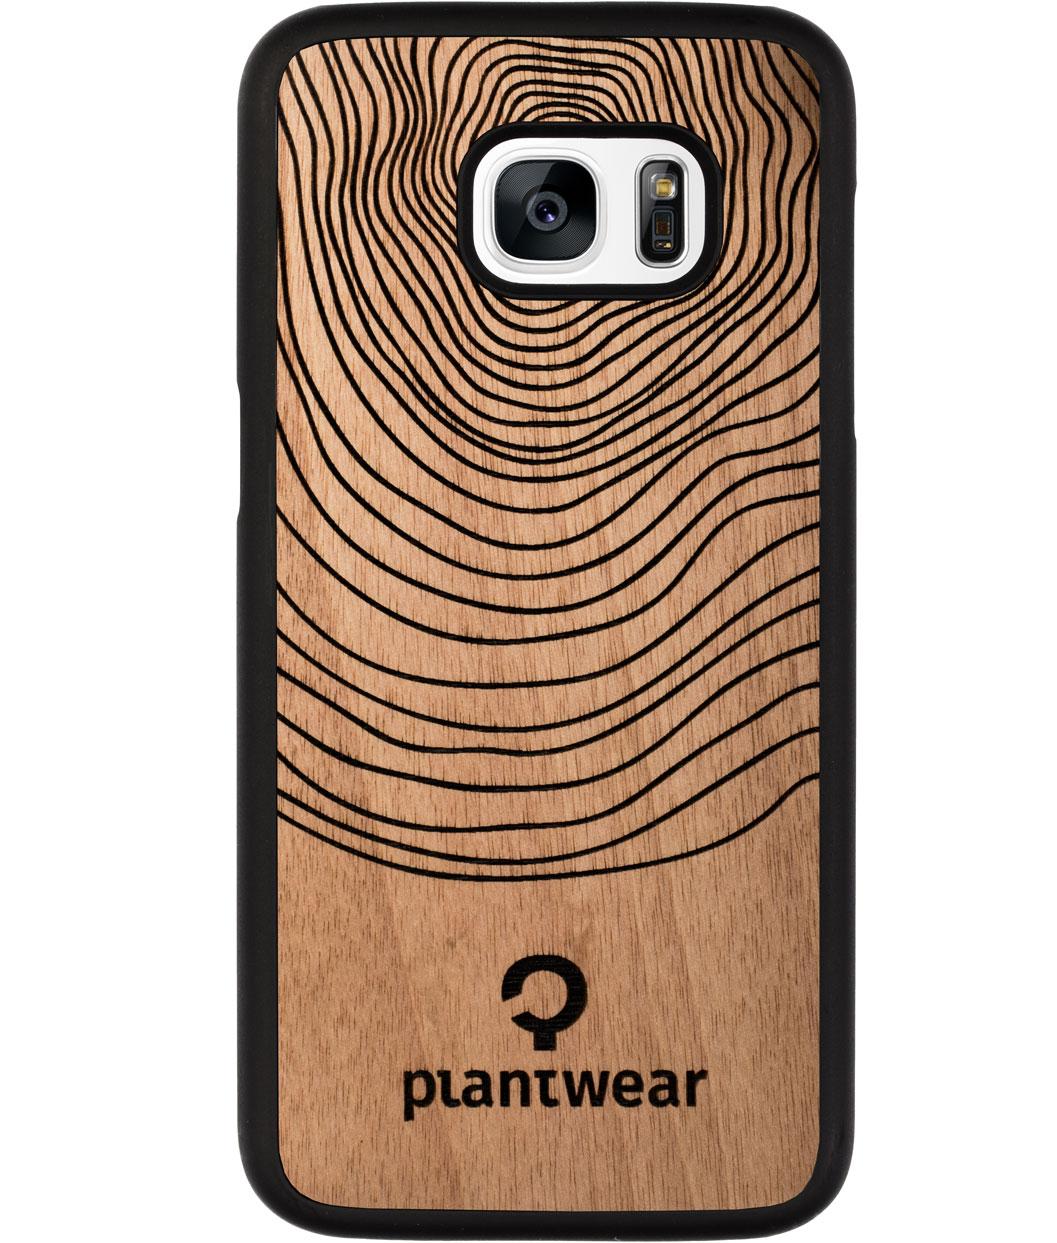 wooden case samsung galaxy s7 edge aniegre stamp plantwear rh plantwear com